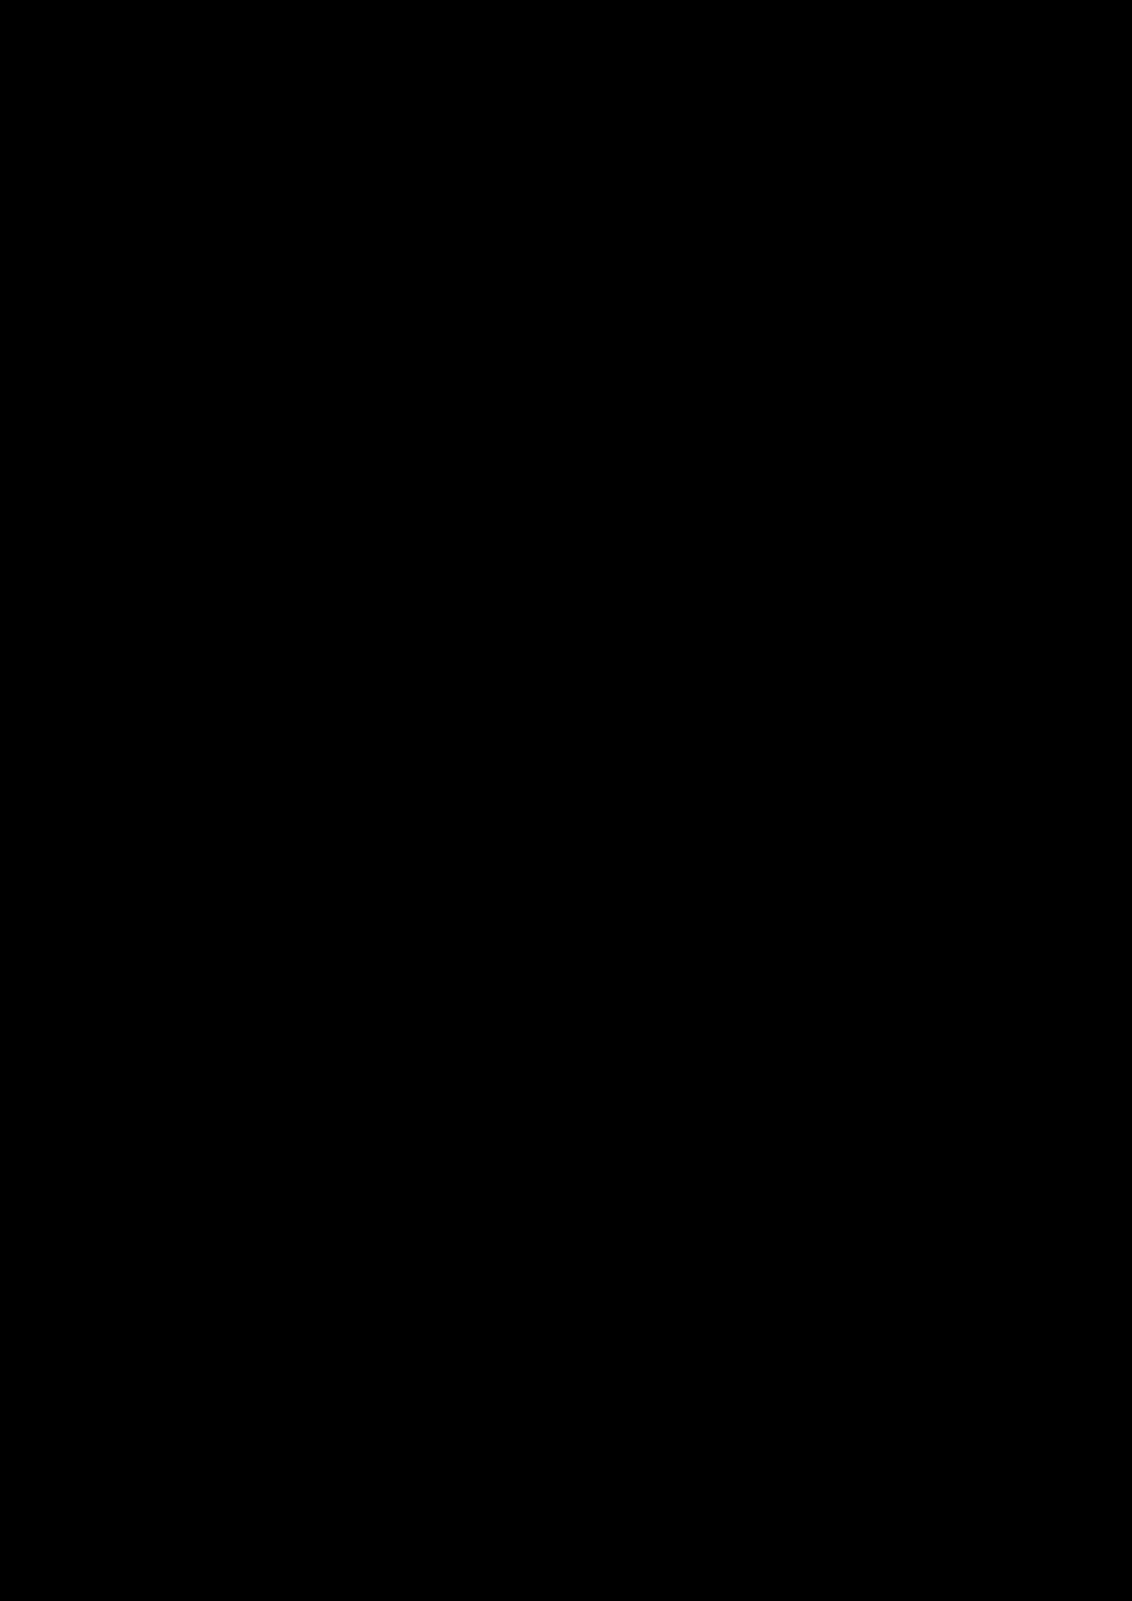 Proschanie s volshebnoy stranoy slide, Image 52